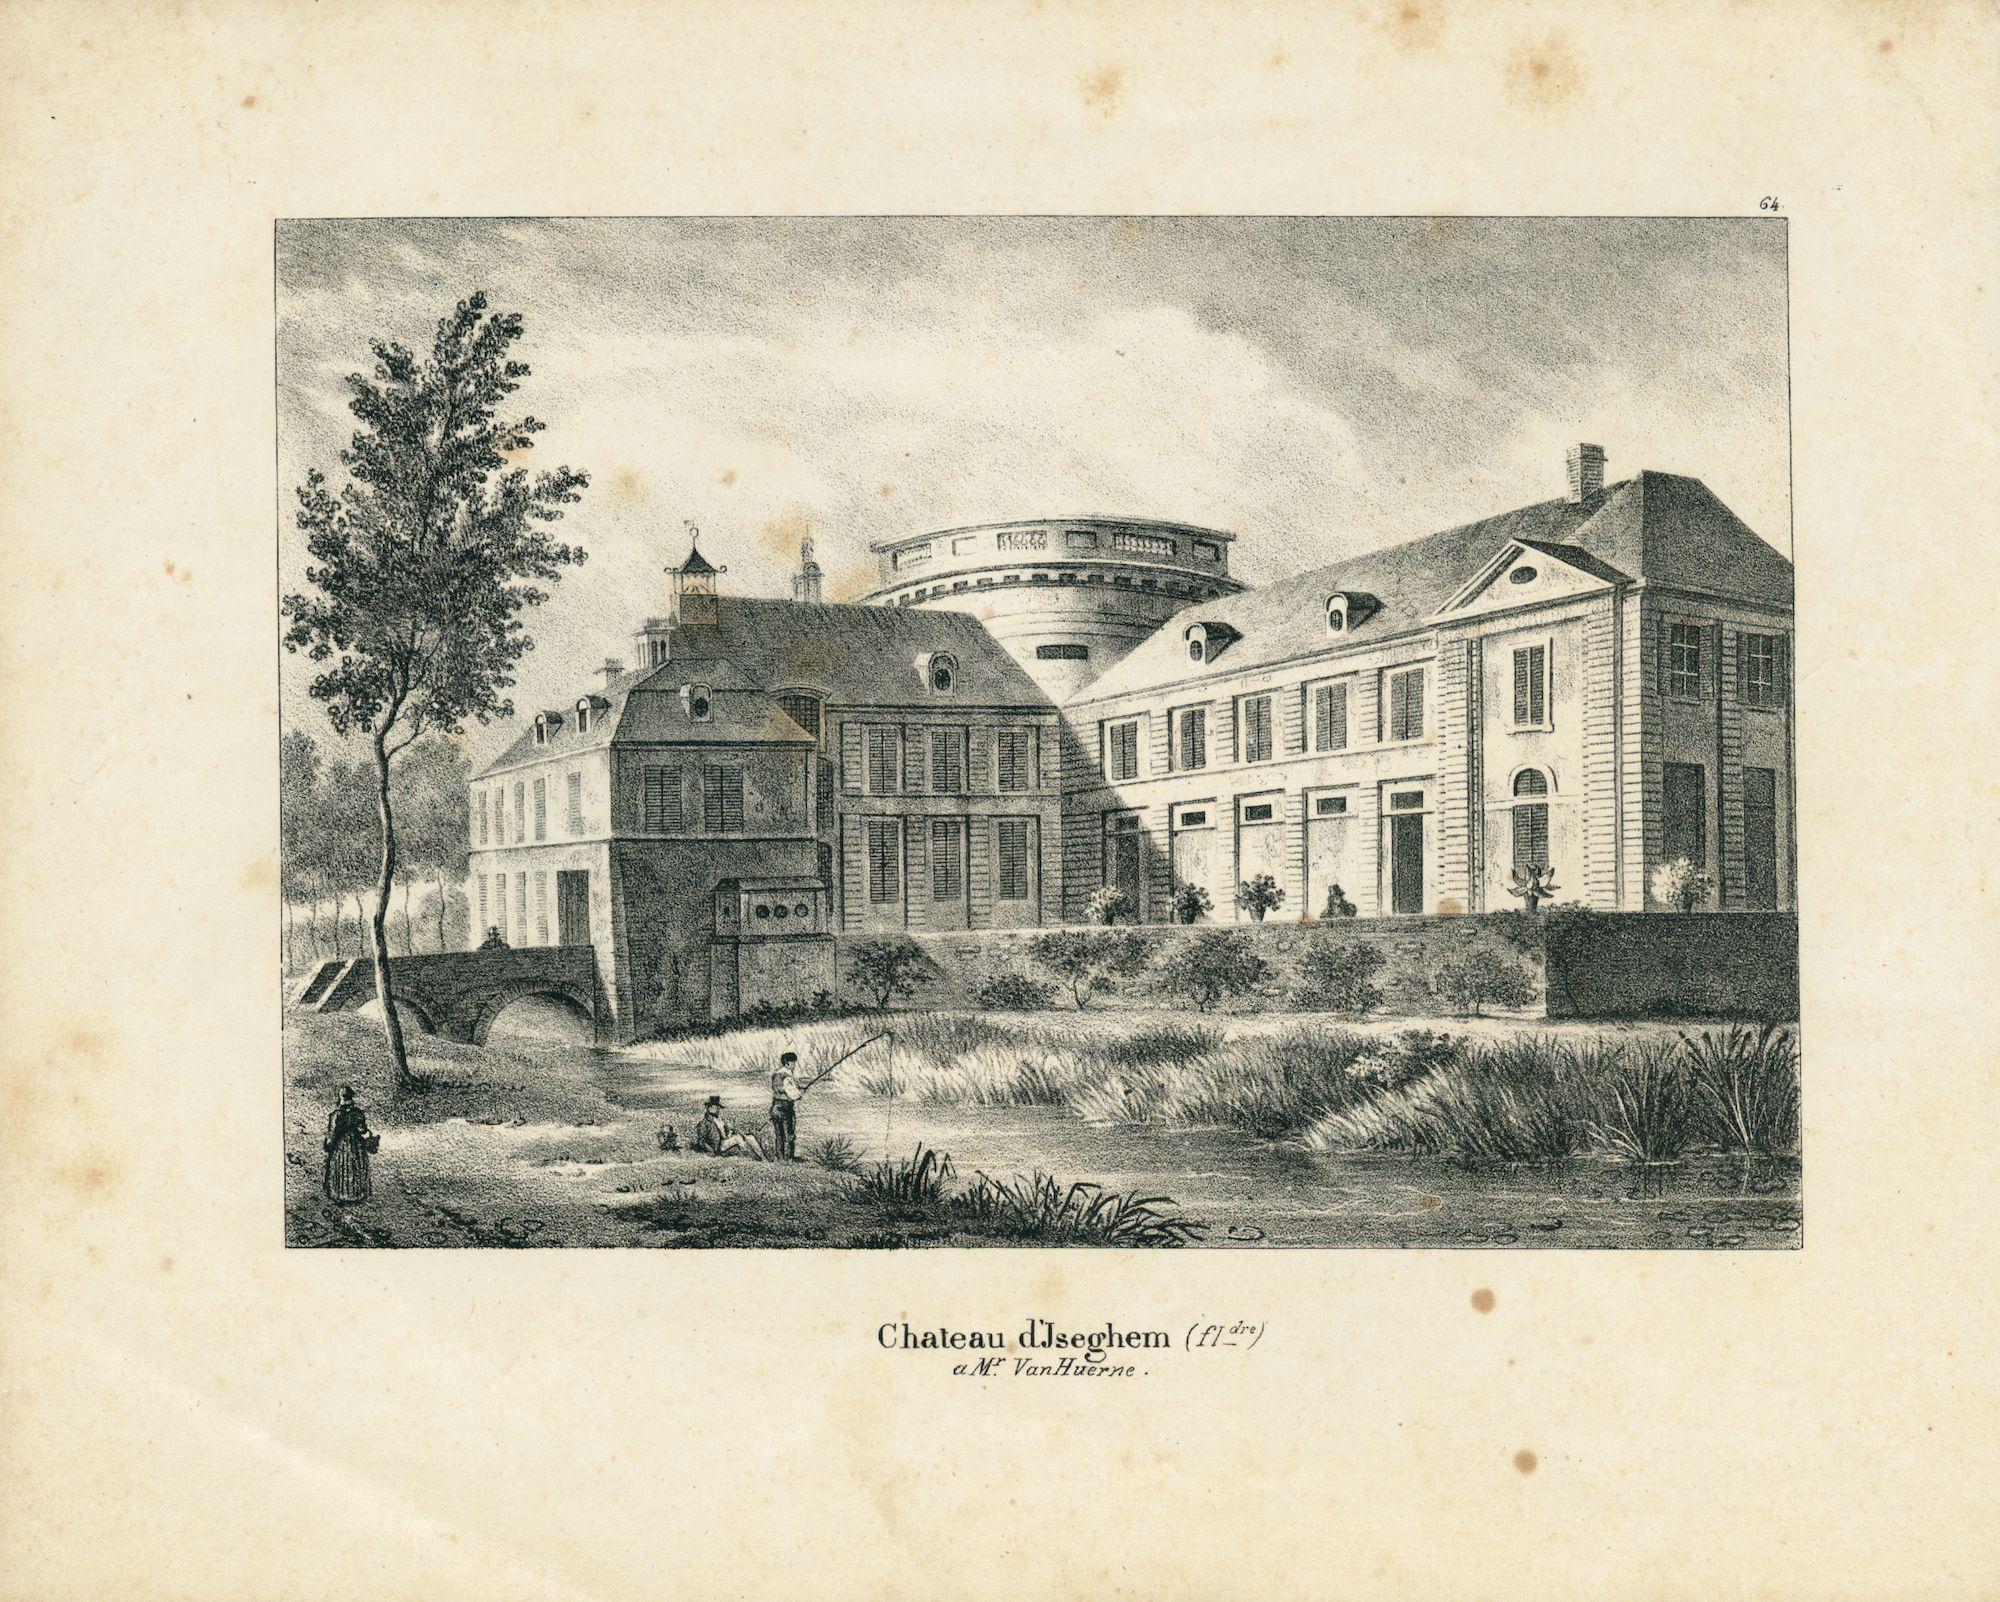 Westflandrica - het kasteel Blauwhuis in Izegem